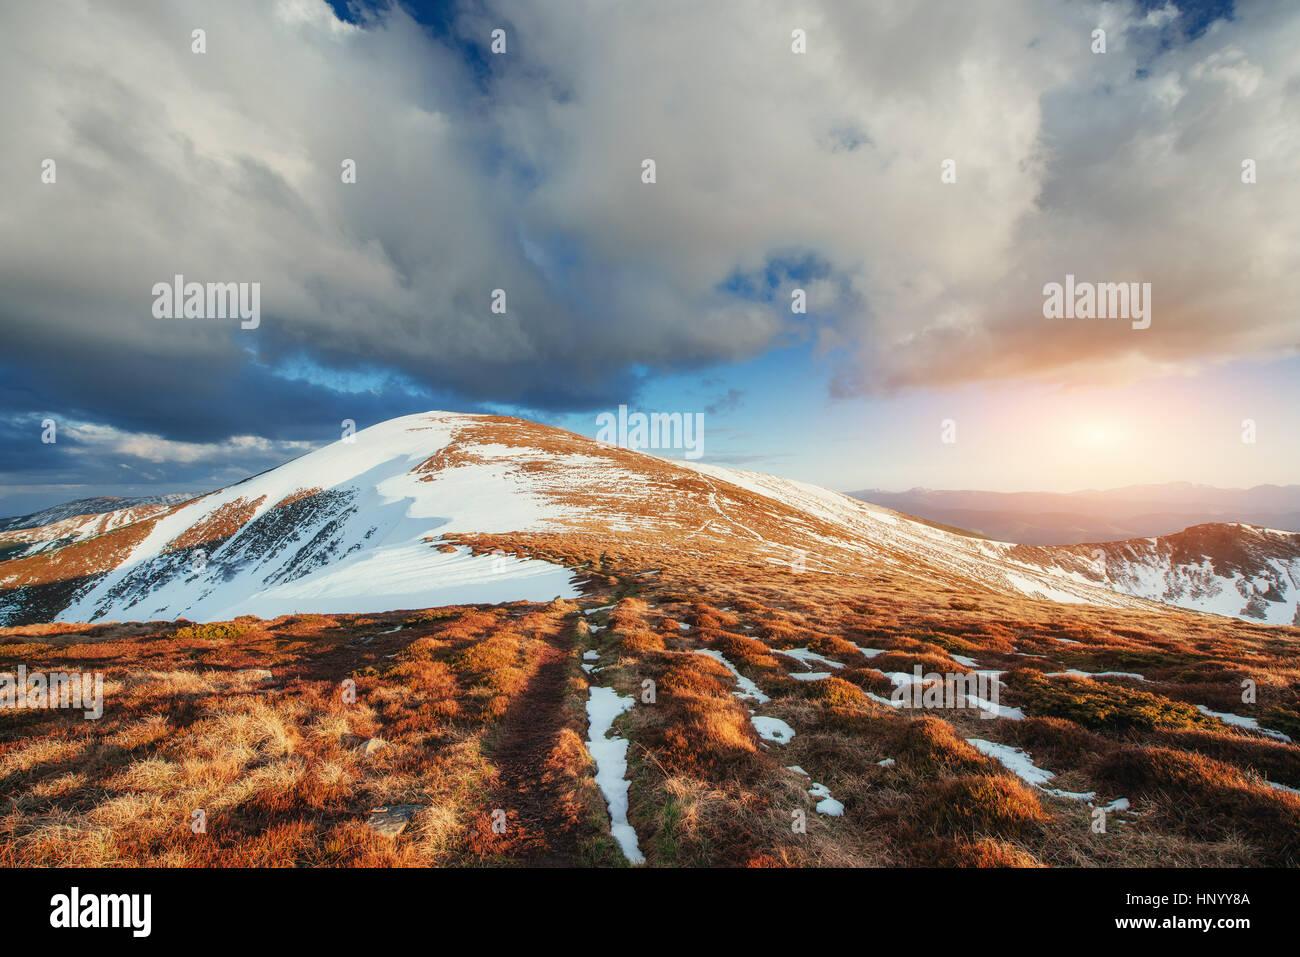 Paysage de montagne au printemps. Montagnes enneigées Photo Stock